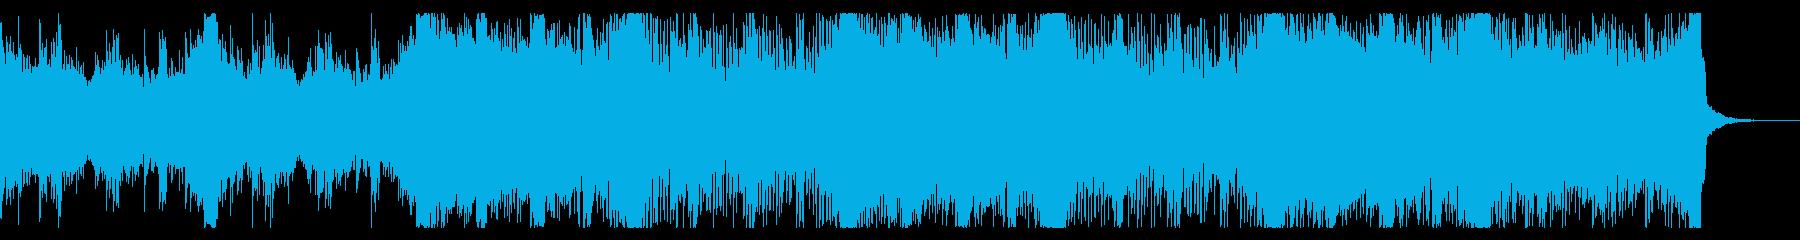 電子的で緊迫したテクスチャIDMの再生済みの波形